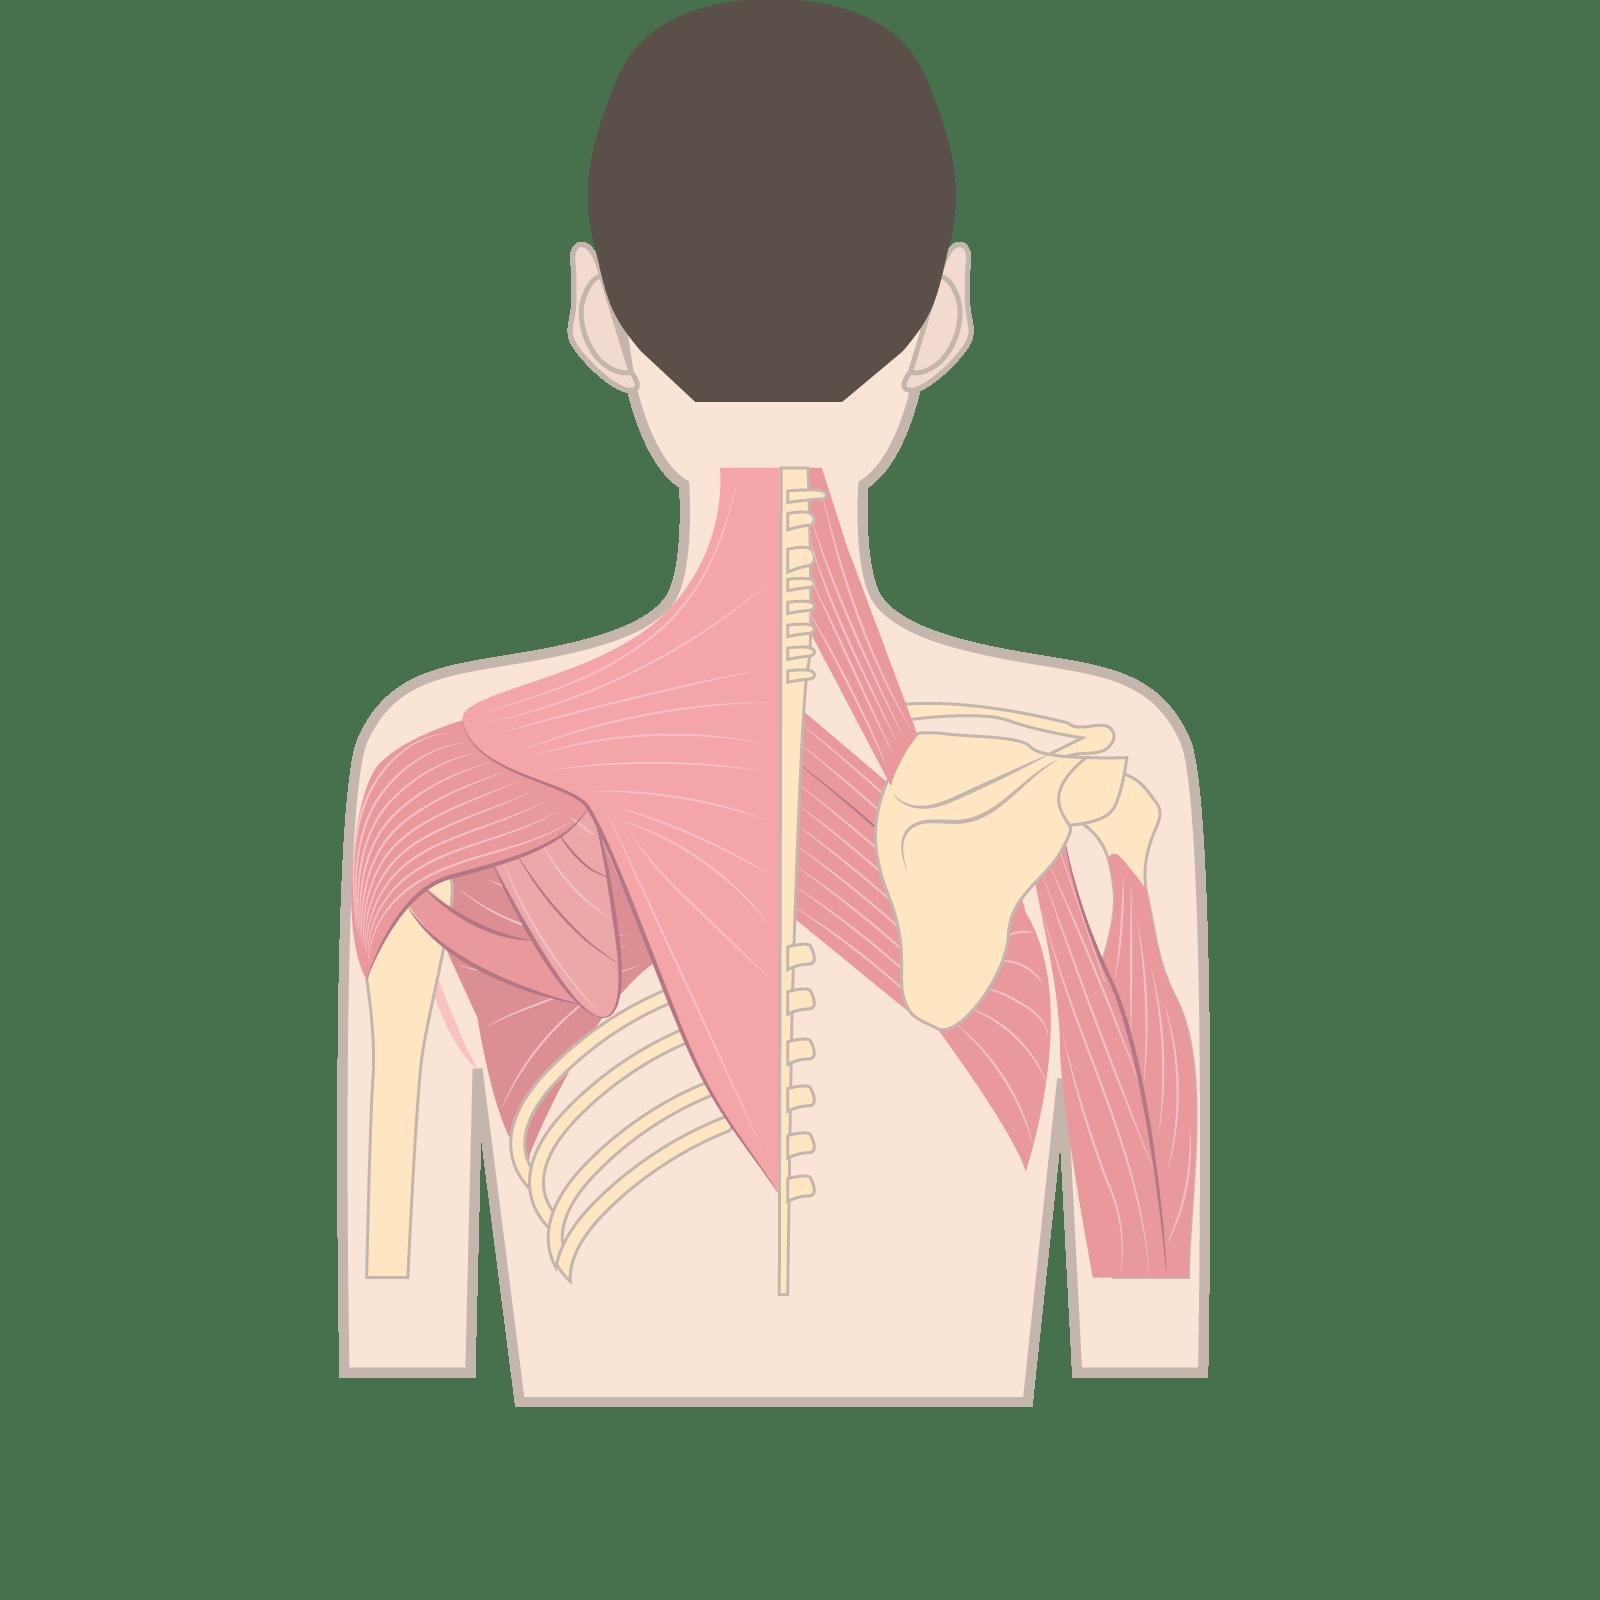 肩甲骨に付着する筋肉